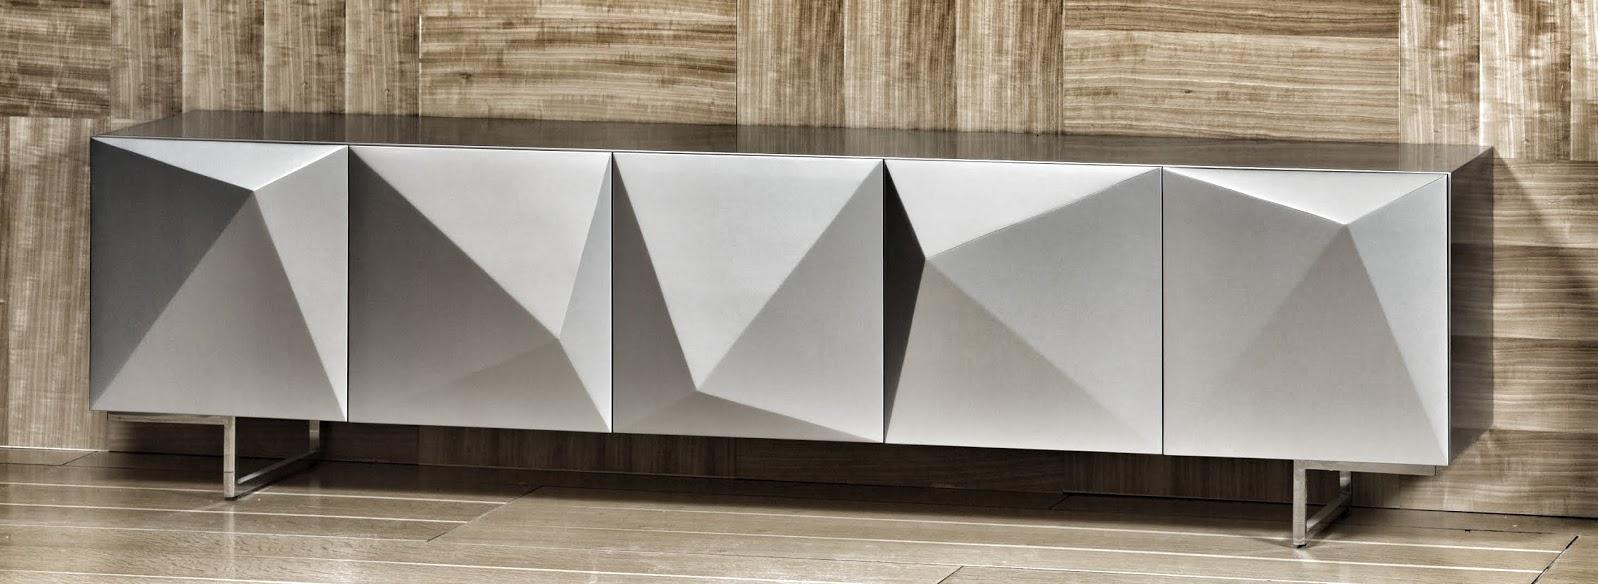 אוריגמי - מזנון תלוי לסלון